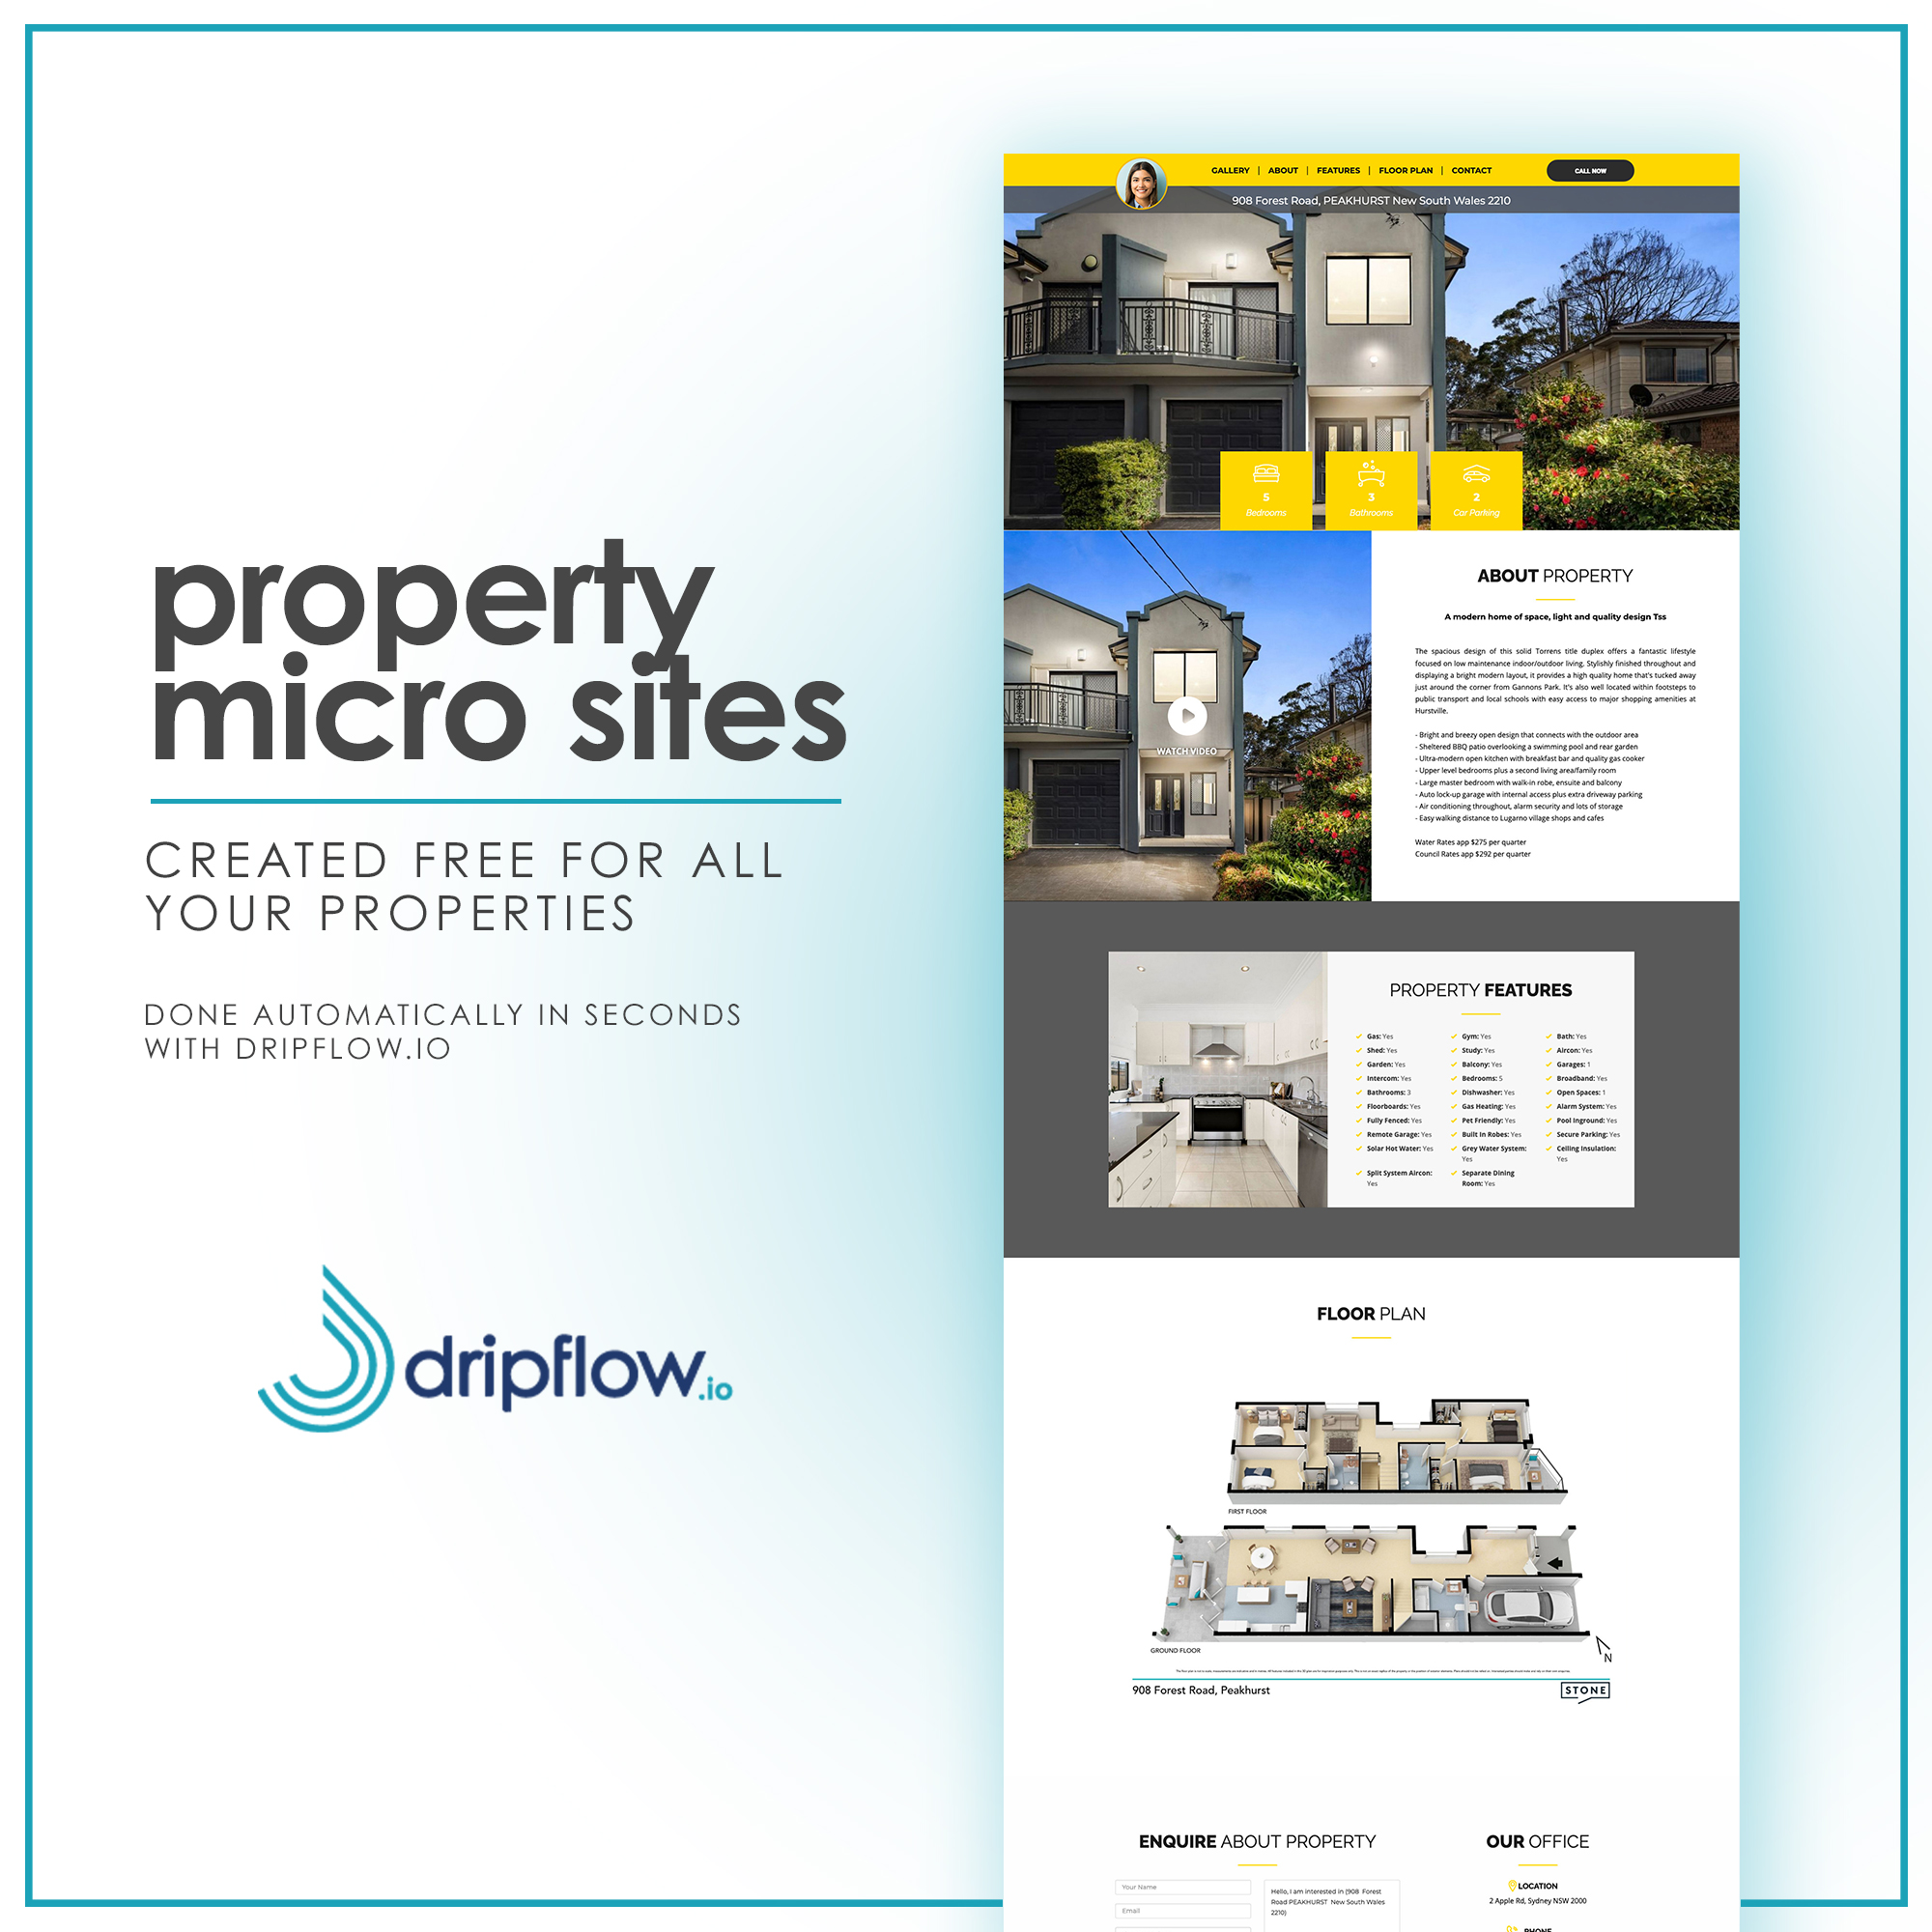 property-microsites